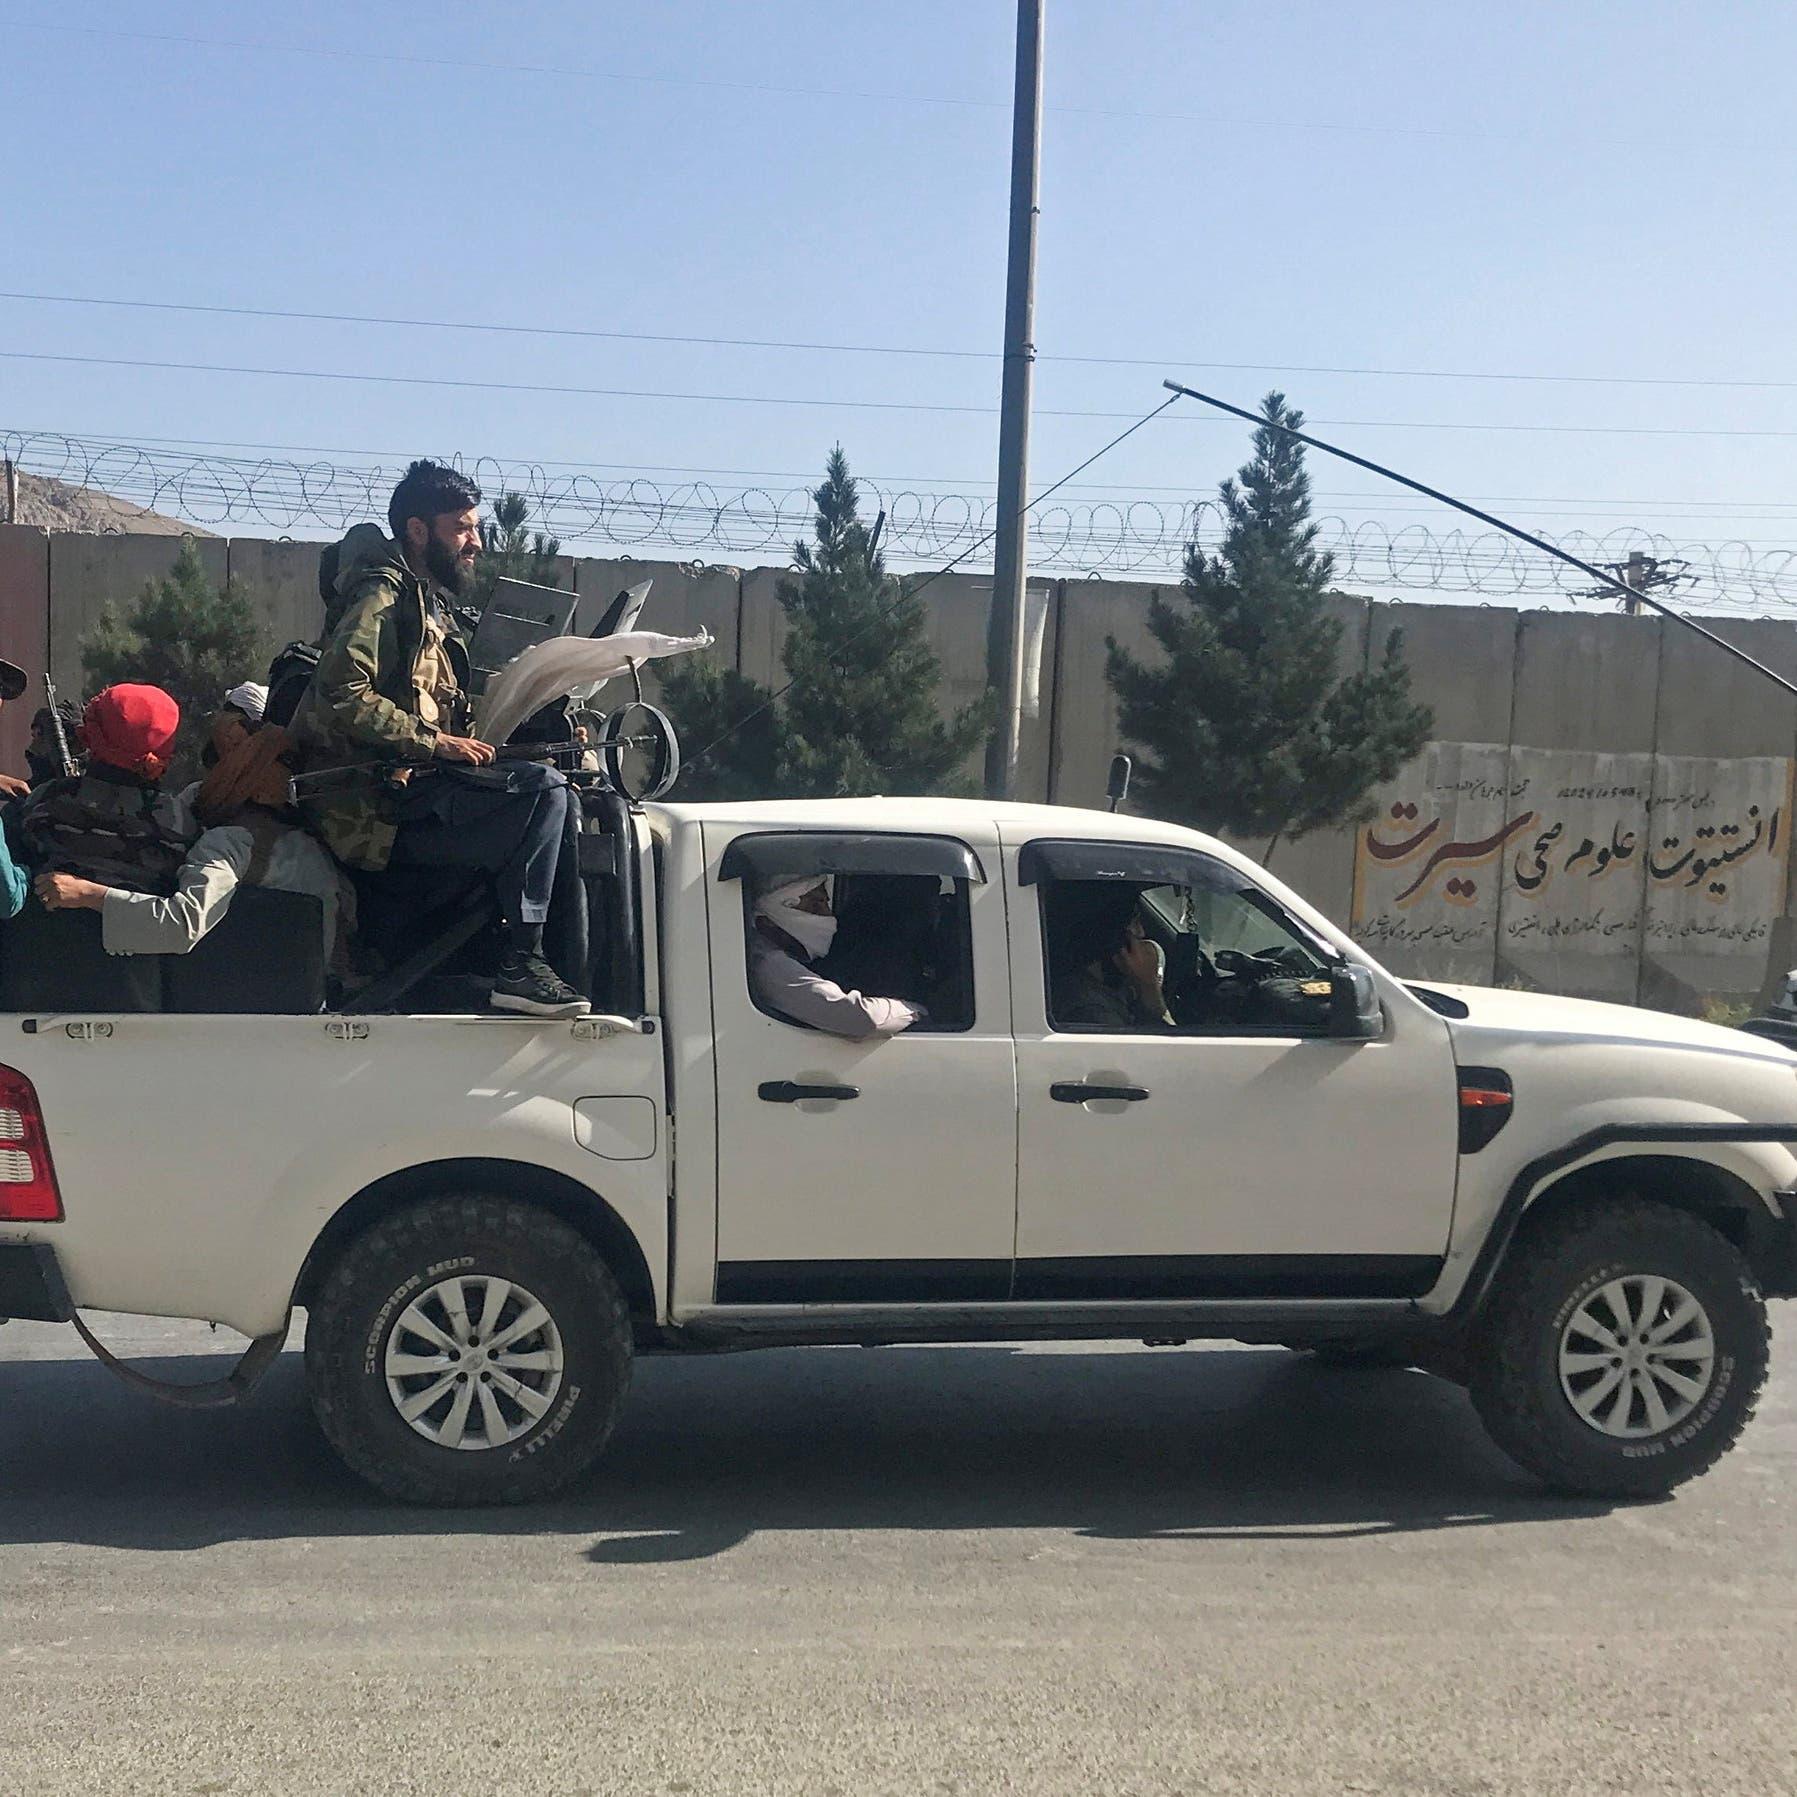 طالبان تشترط مغادرة القوات الأجنبية وتتحدث عن توليها الحكم